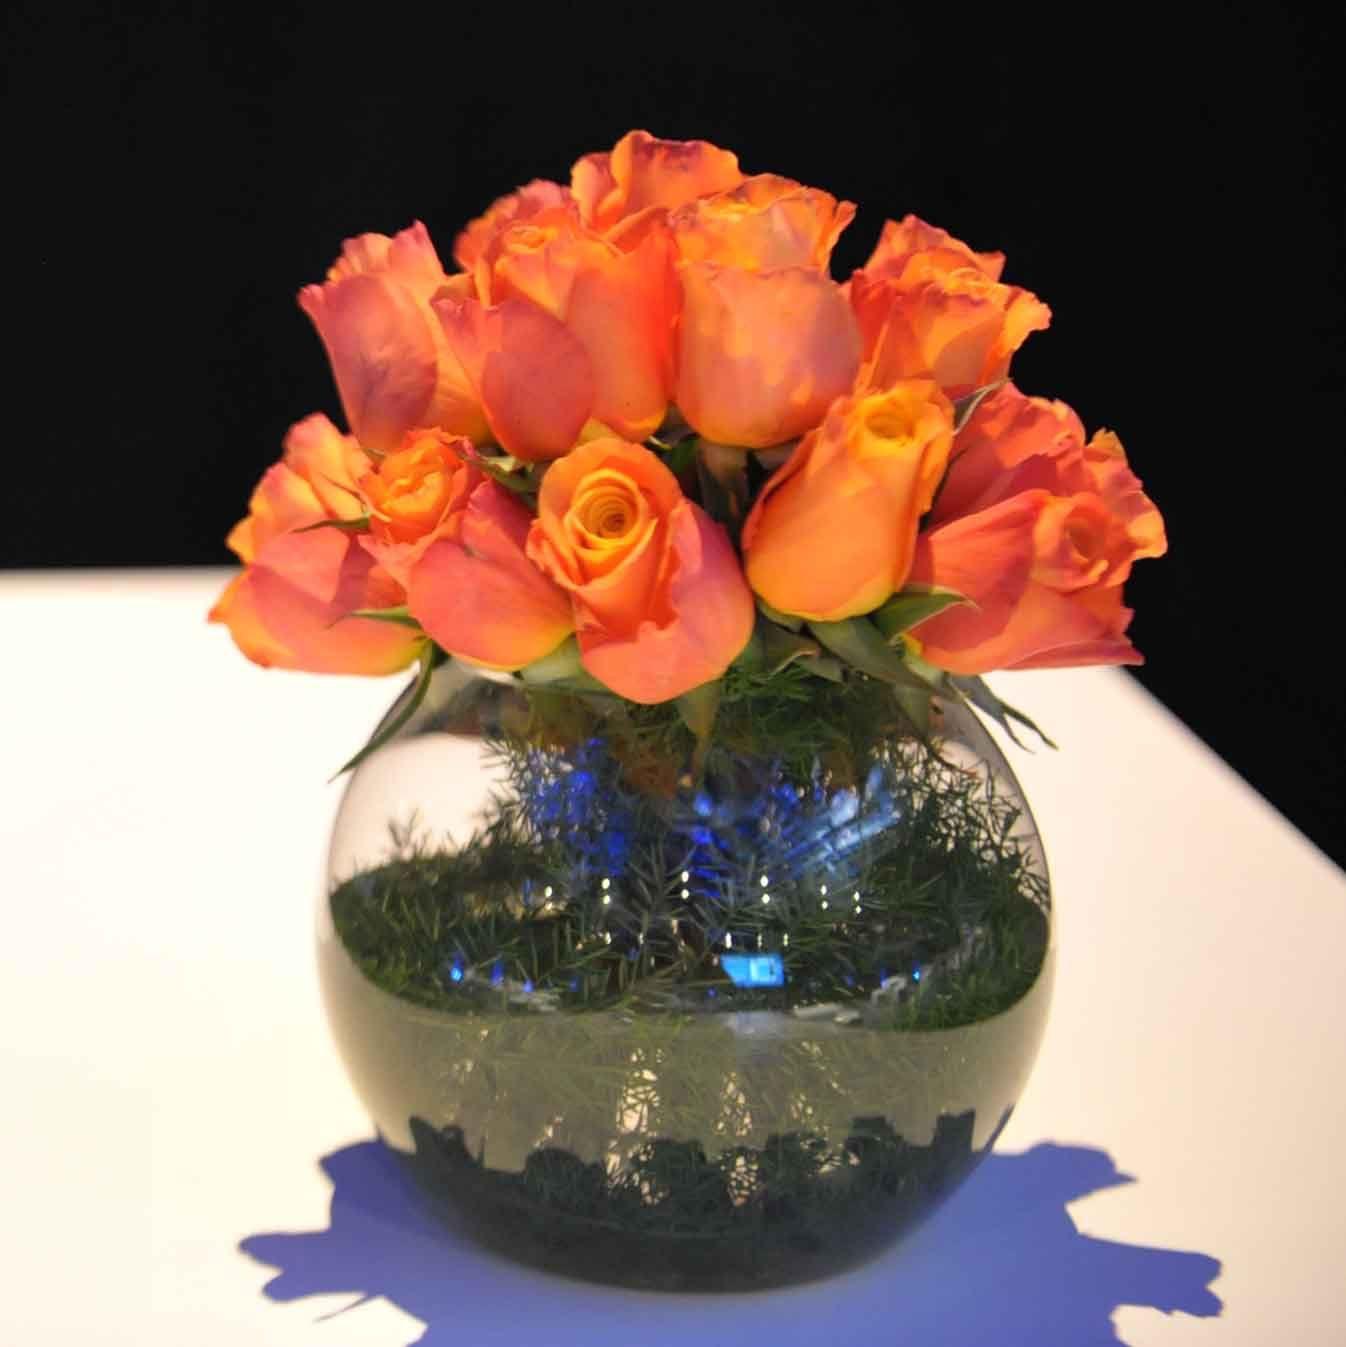 white fish bowl vase of 8 od orange rose foliage lined gold fish bowl orange flower in 8 od orange rose foliage lined gold fish bowl